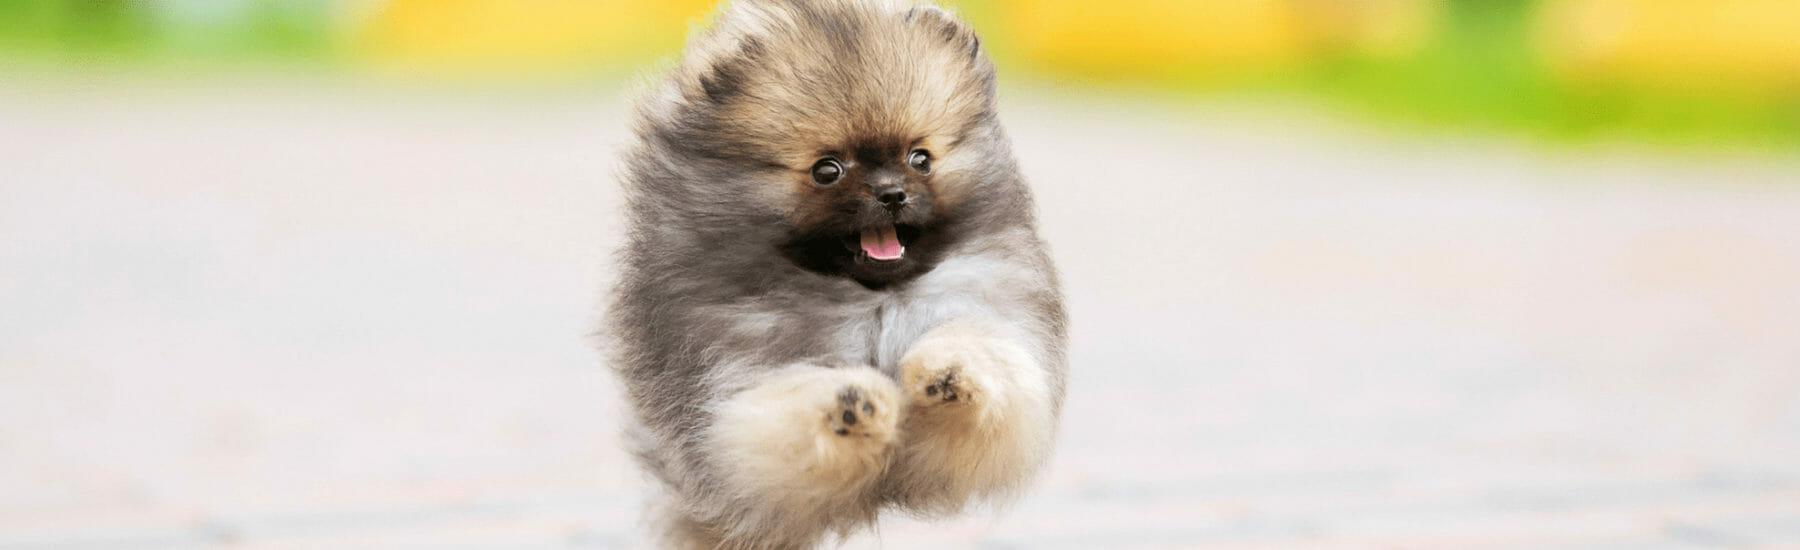 Fluffy dog jumping through the air